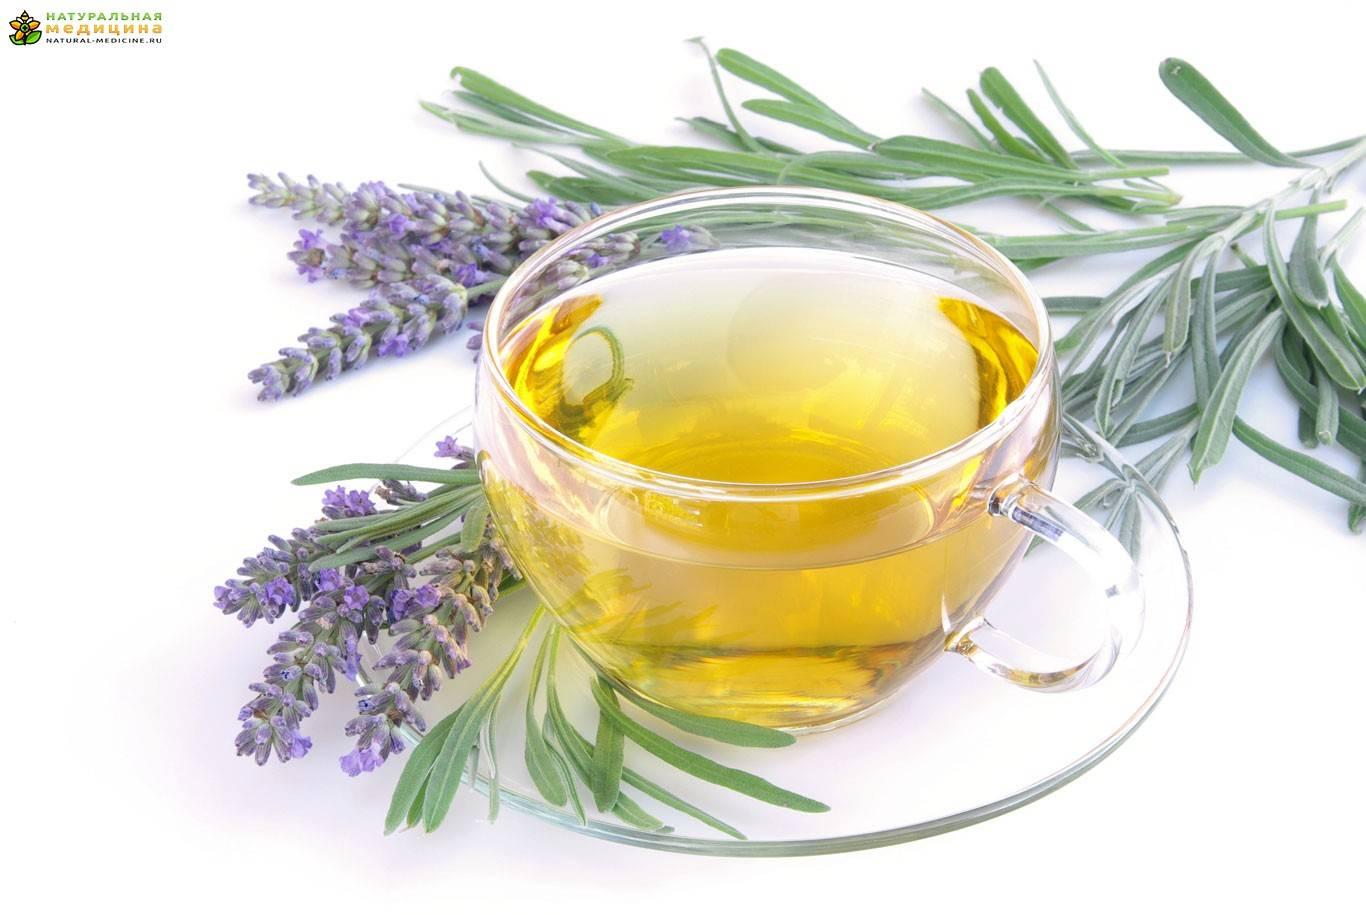 Шалфей и чай из шалфея — польза и возможный вред   польза и вред